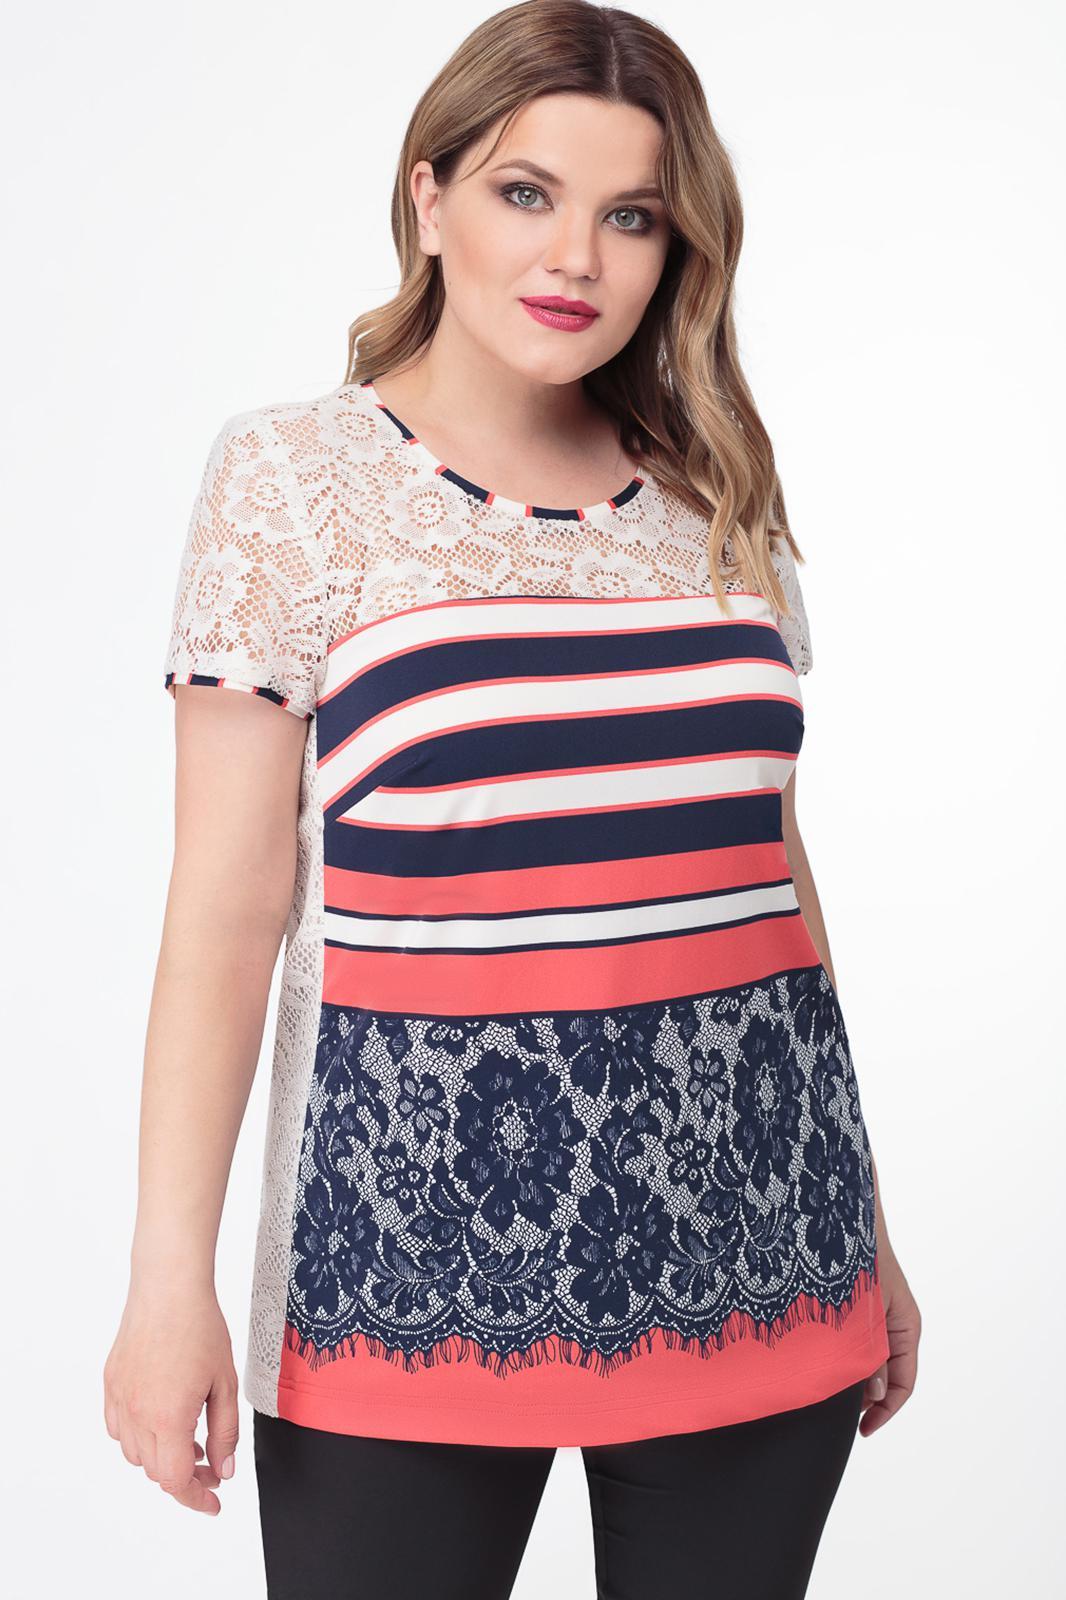 c5ec5dc4aef Купить блузку в интернет-магазине в Минске. Недорогие женские блузки